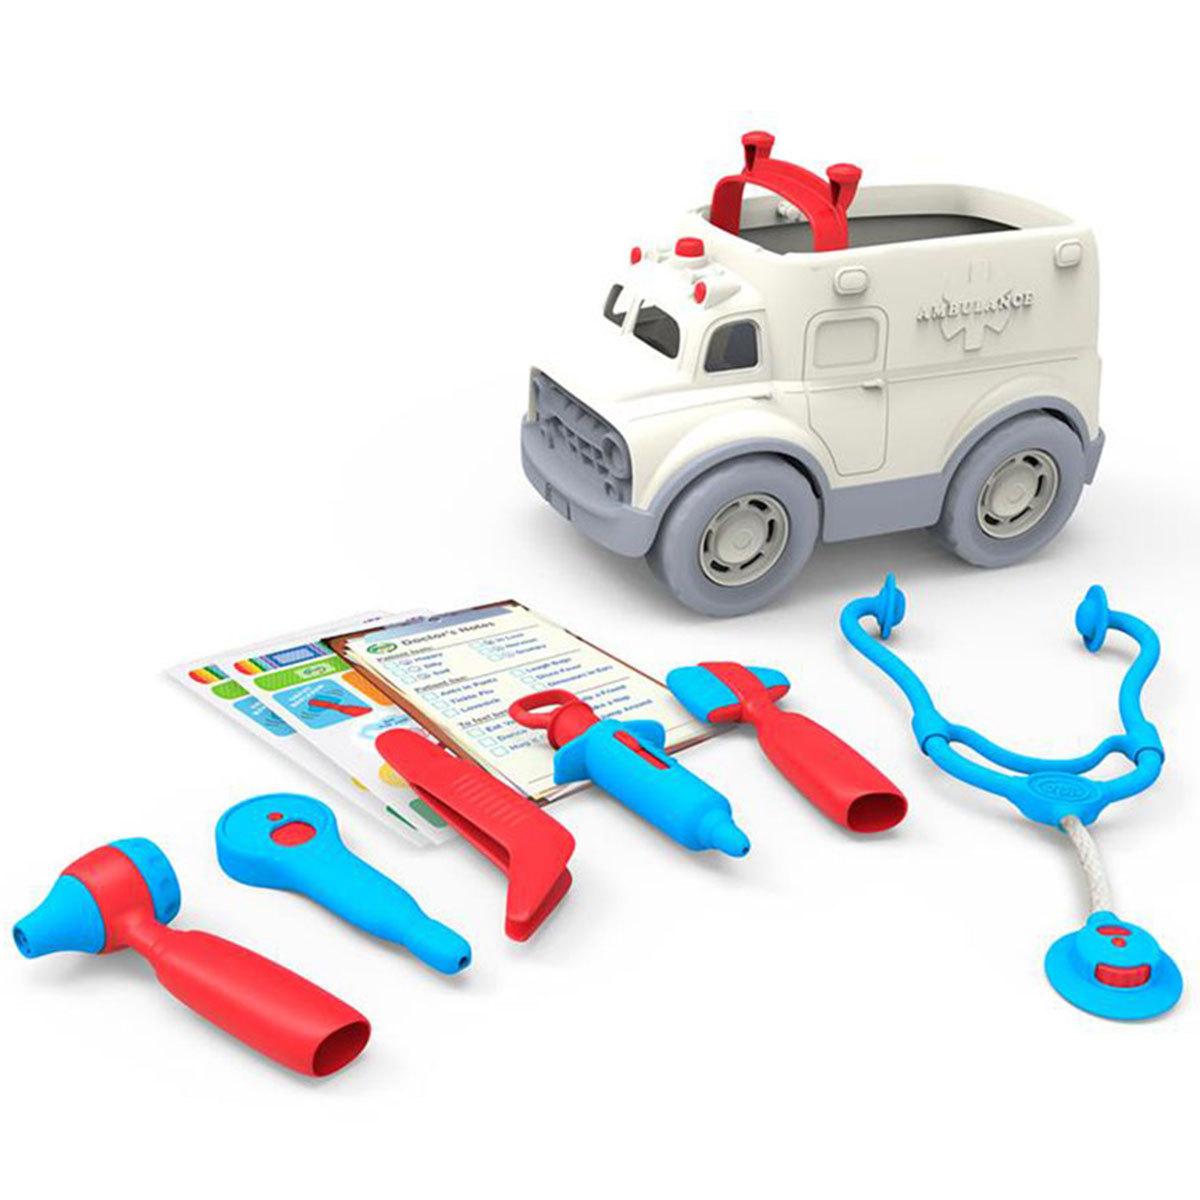 Mes premiers jouets Ambulance et Kit de Médecin Ambulance et Kit de Médecin